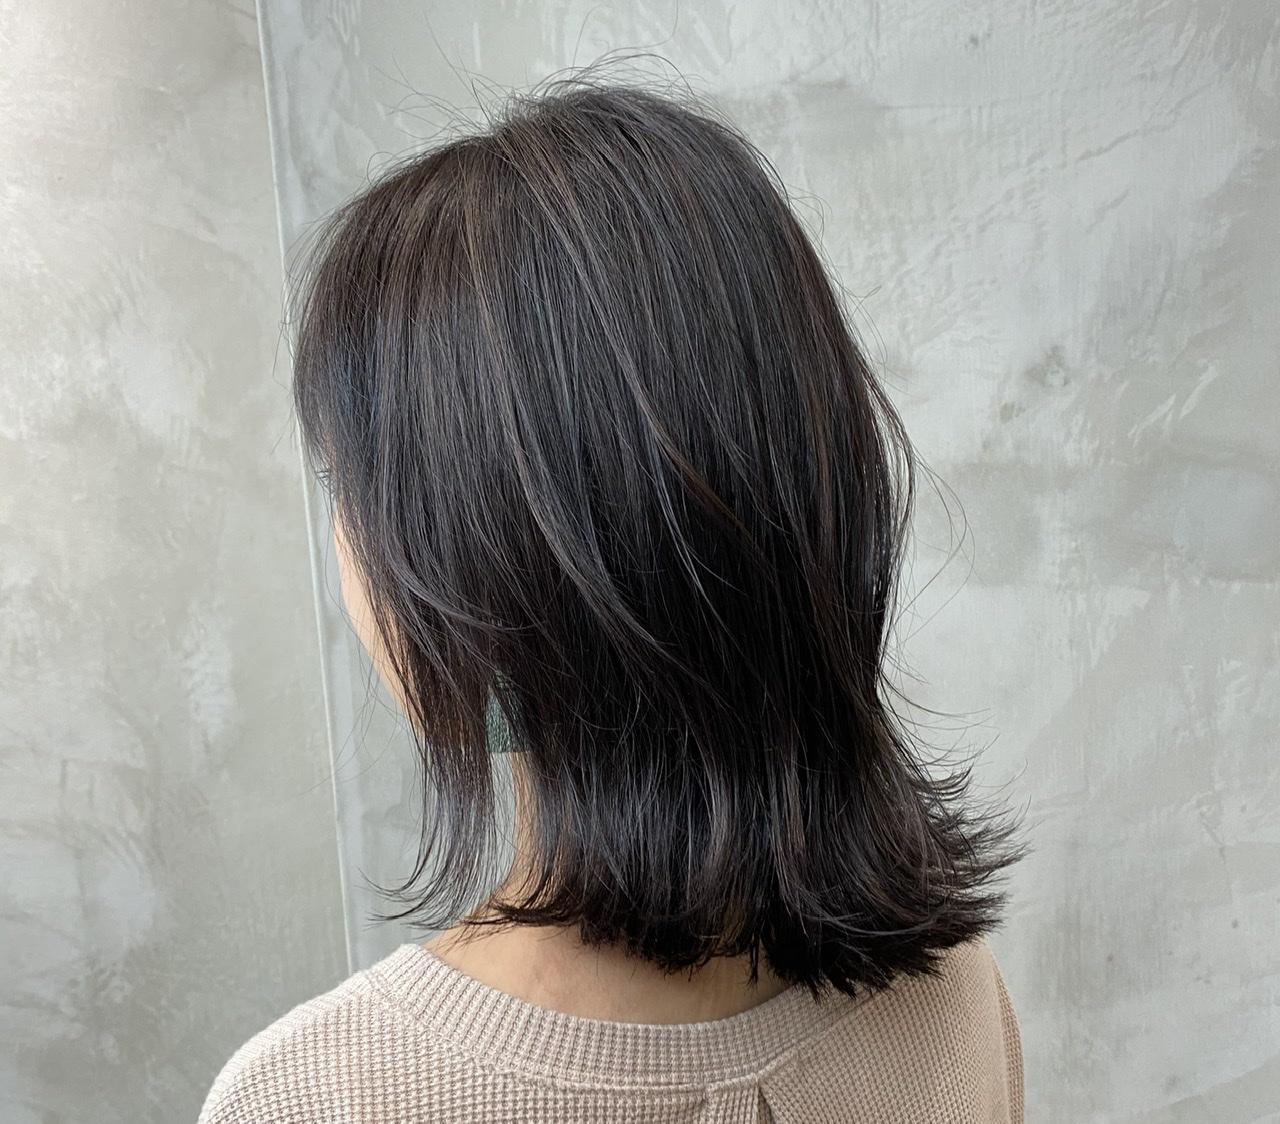 【夏ヘアスタイル】ハイライトでつくるおしゃれ髪!グレージュカラーでトレンド感アップ♡_1